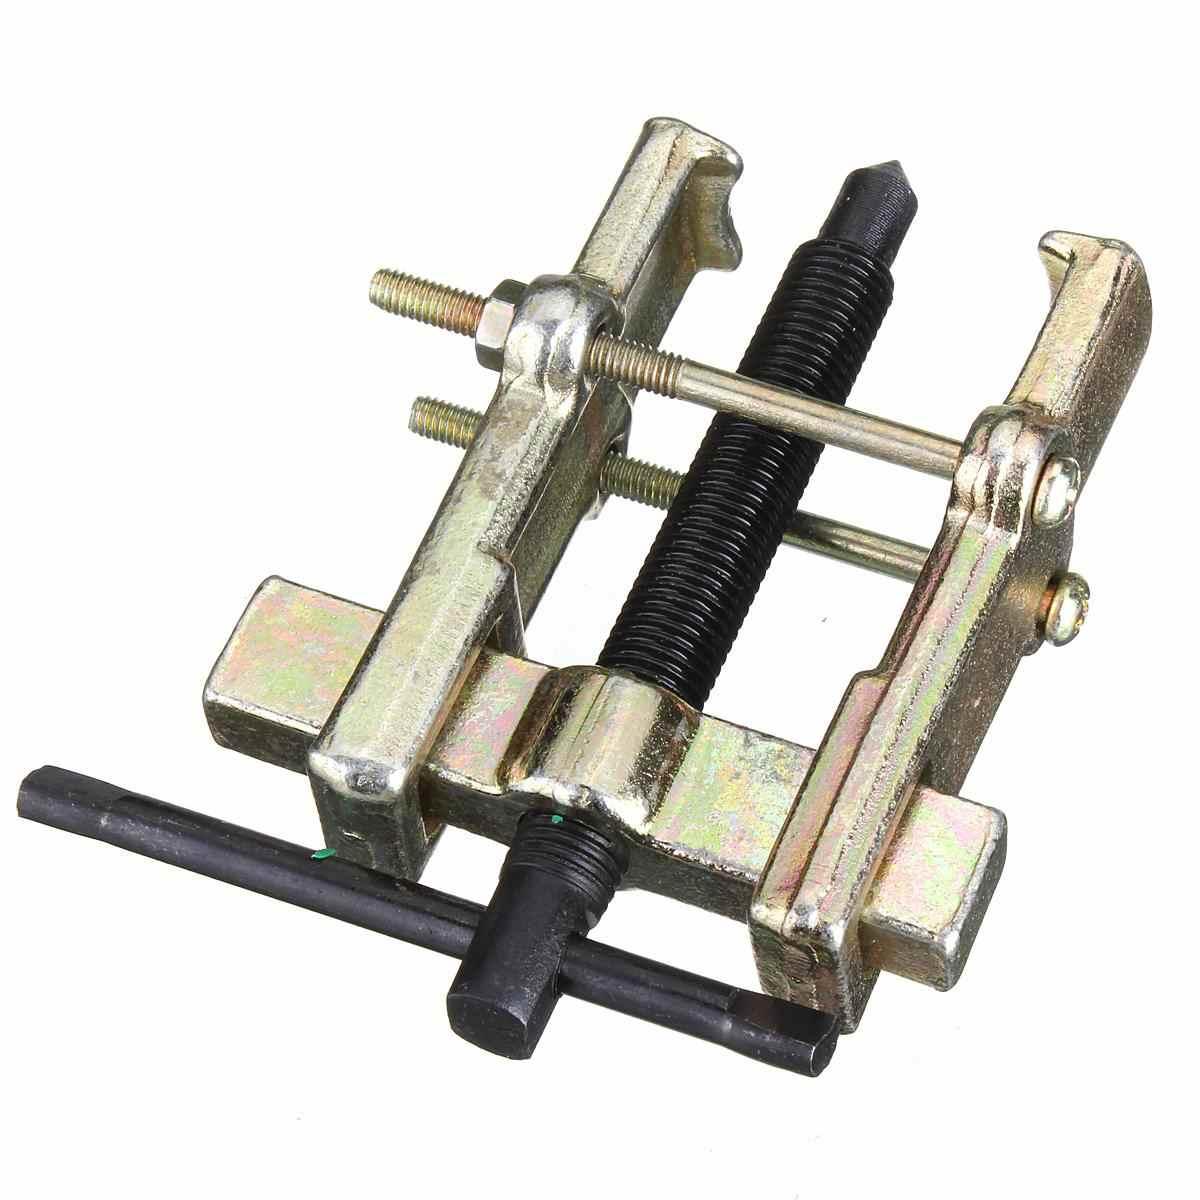 Di Vendita superiore di Alta Qualità 2 ''-65 millimetri di Vendita Calda Best Prezzo In Acciaio Al Carbonio Due Ganasce Gear Puller Armatura cuscinetto Spirale Estrattore Forgiatura